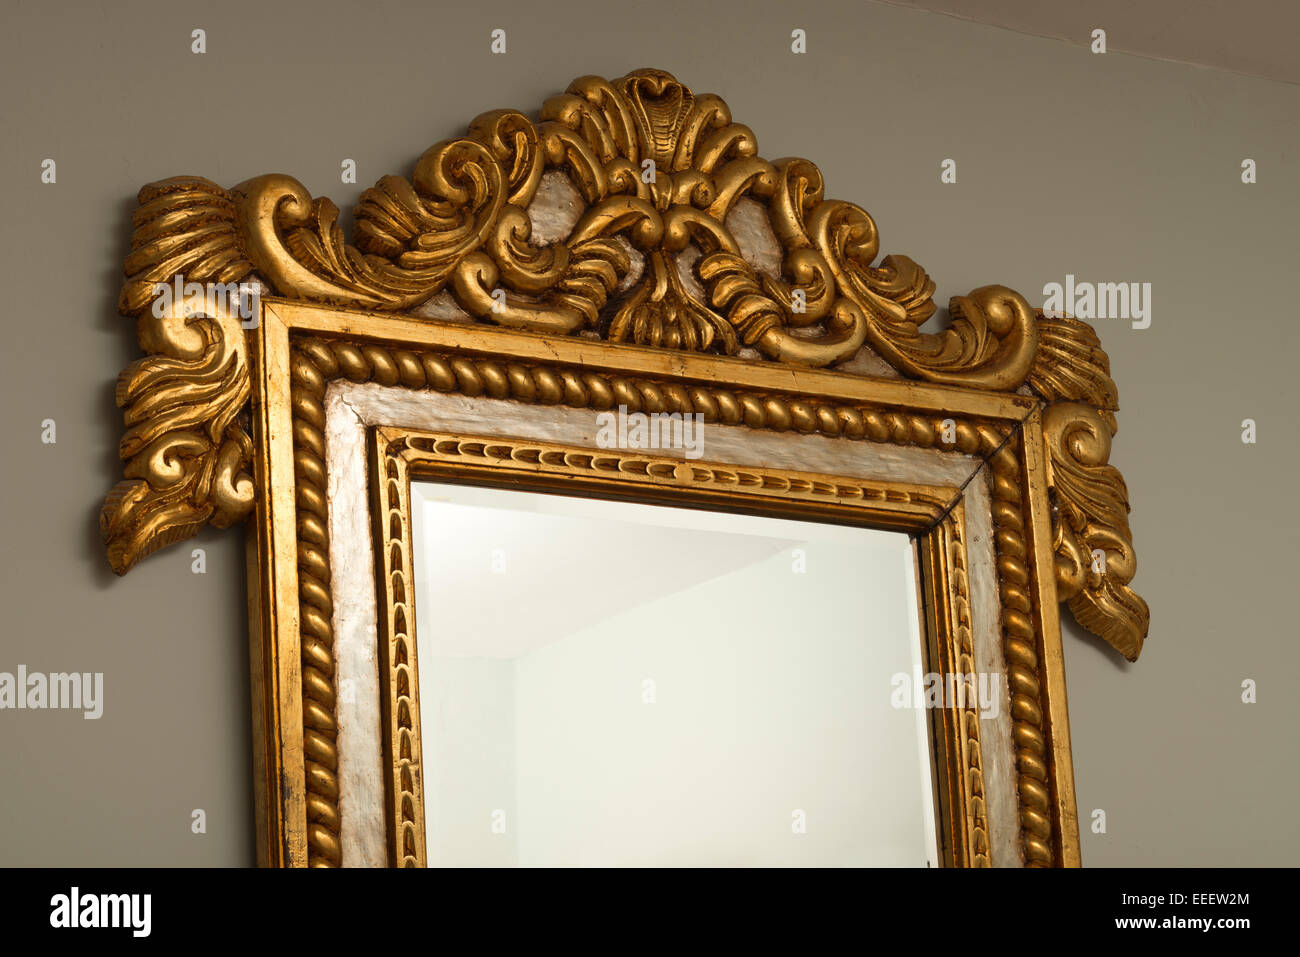 Vergoldete Mahagoni Spiegel Wandrahmen aus Honduras. Silber und gold ...